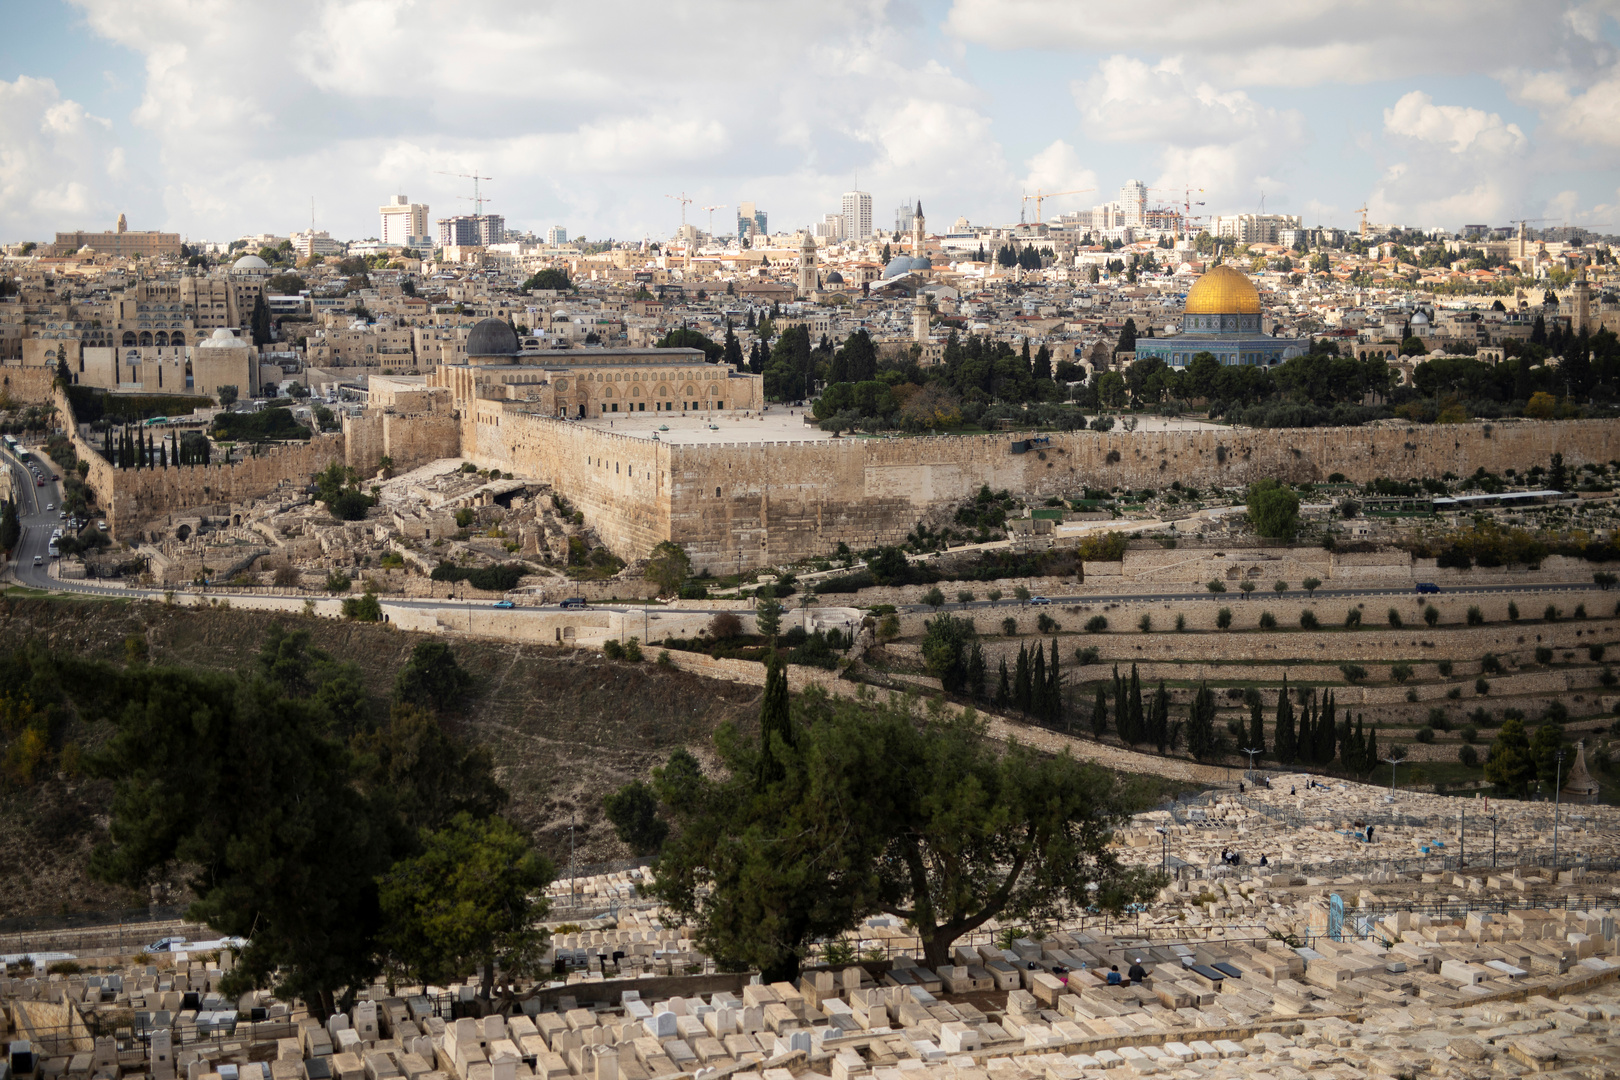 إصابة فلسطينييْن اثنين خلال مواجهات مع قوات إسرائيلية في القدس